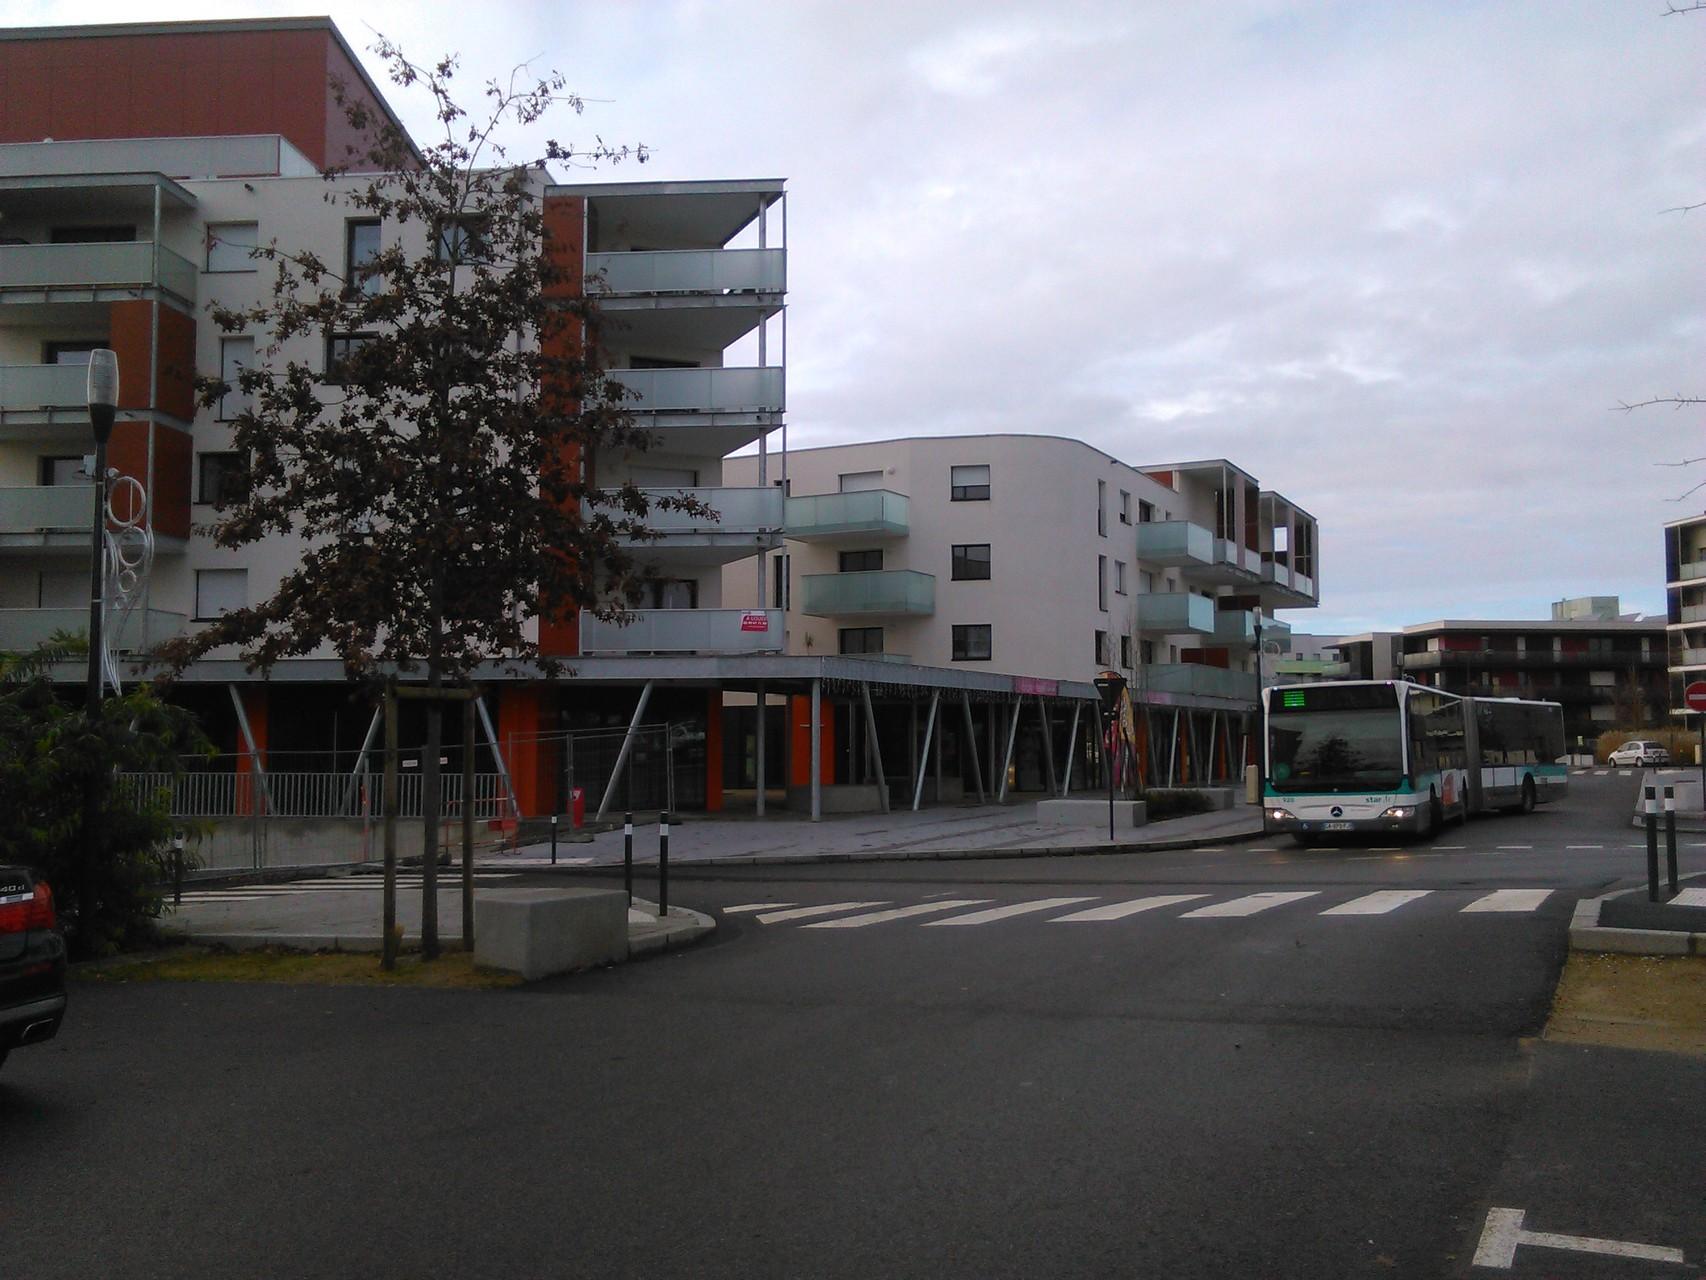 Accès Réseau STAR - Ligne 1 - Sens Chantepie - Arrêt ROSA PARKS